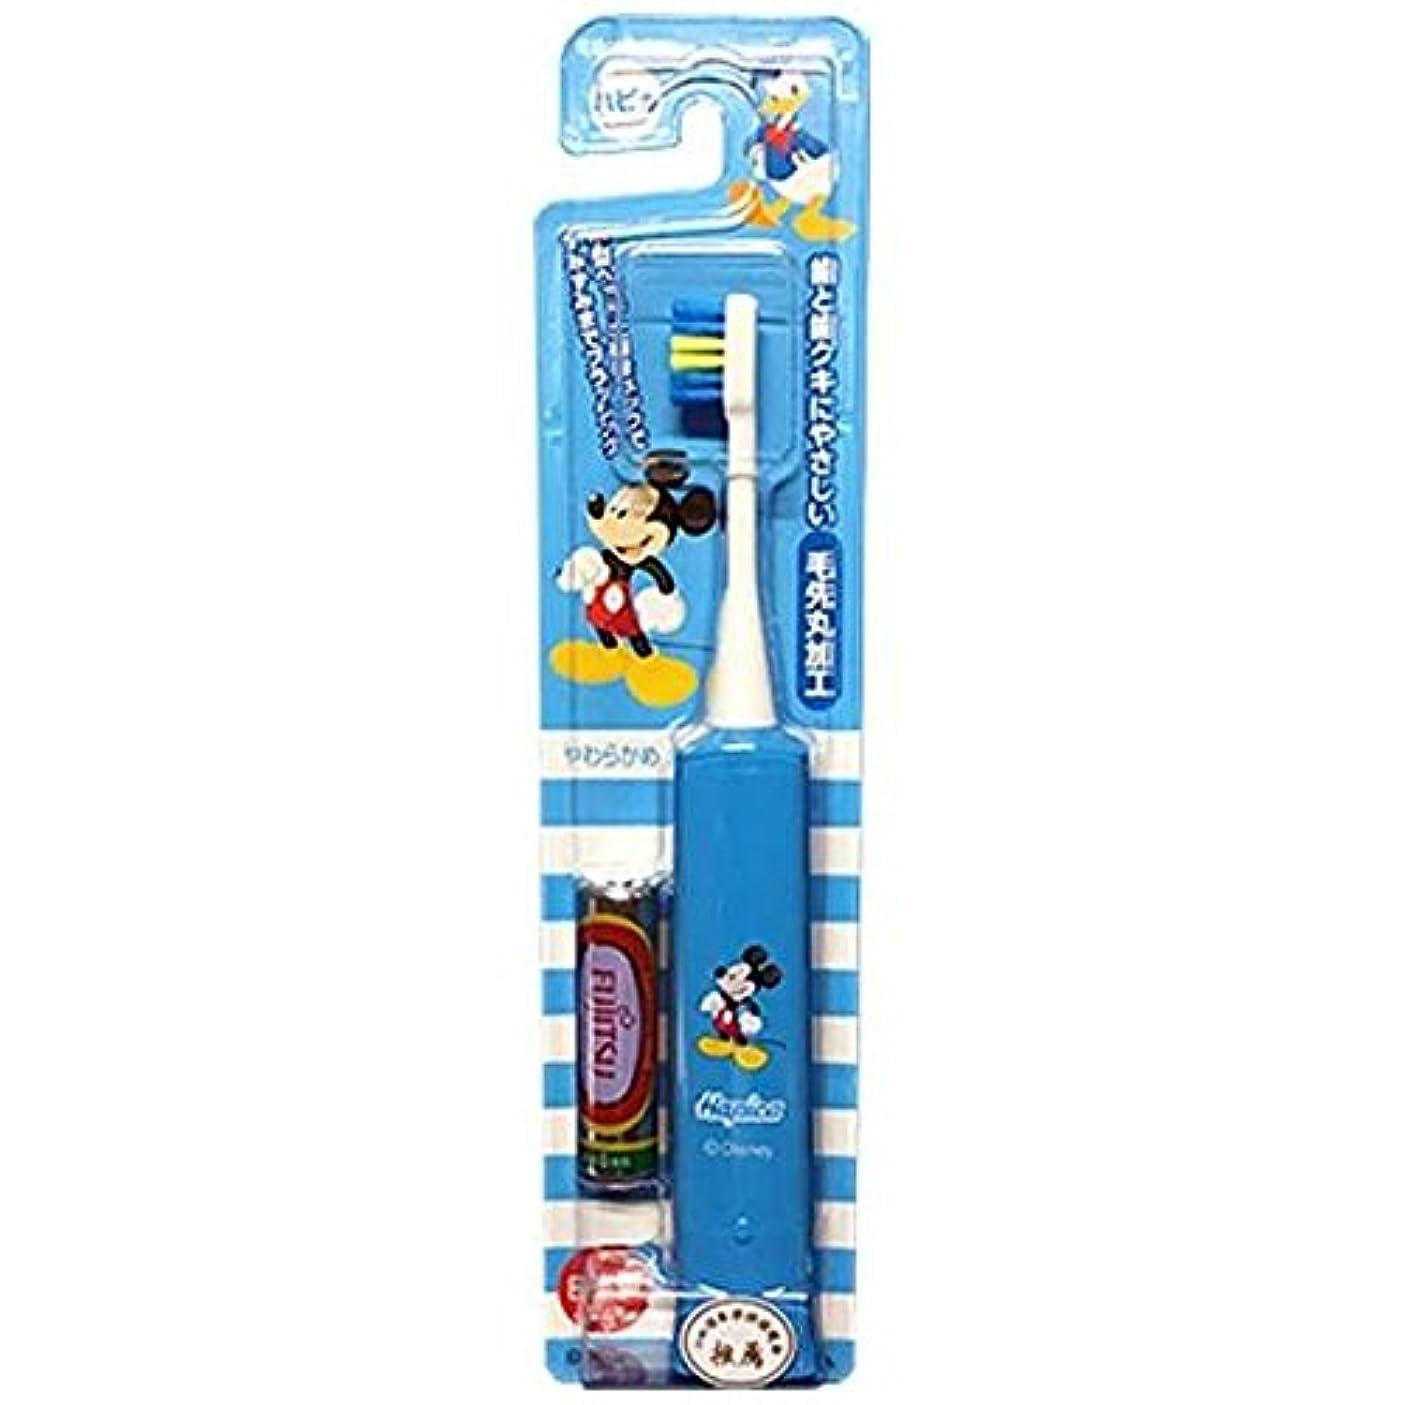 年齢森世界記録のギネスブックミニマム 電動付歯ブラシ こどもハピカ ミッキー(ブルー) 毛の硬さ:やわらかめ DBK-5B(MK)